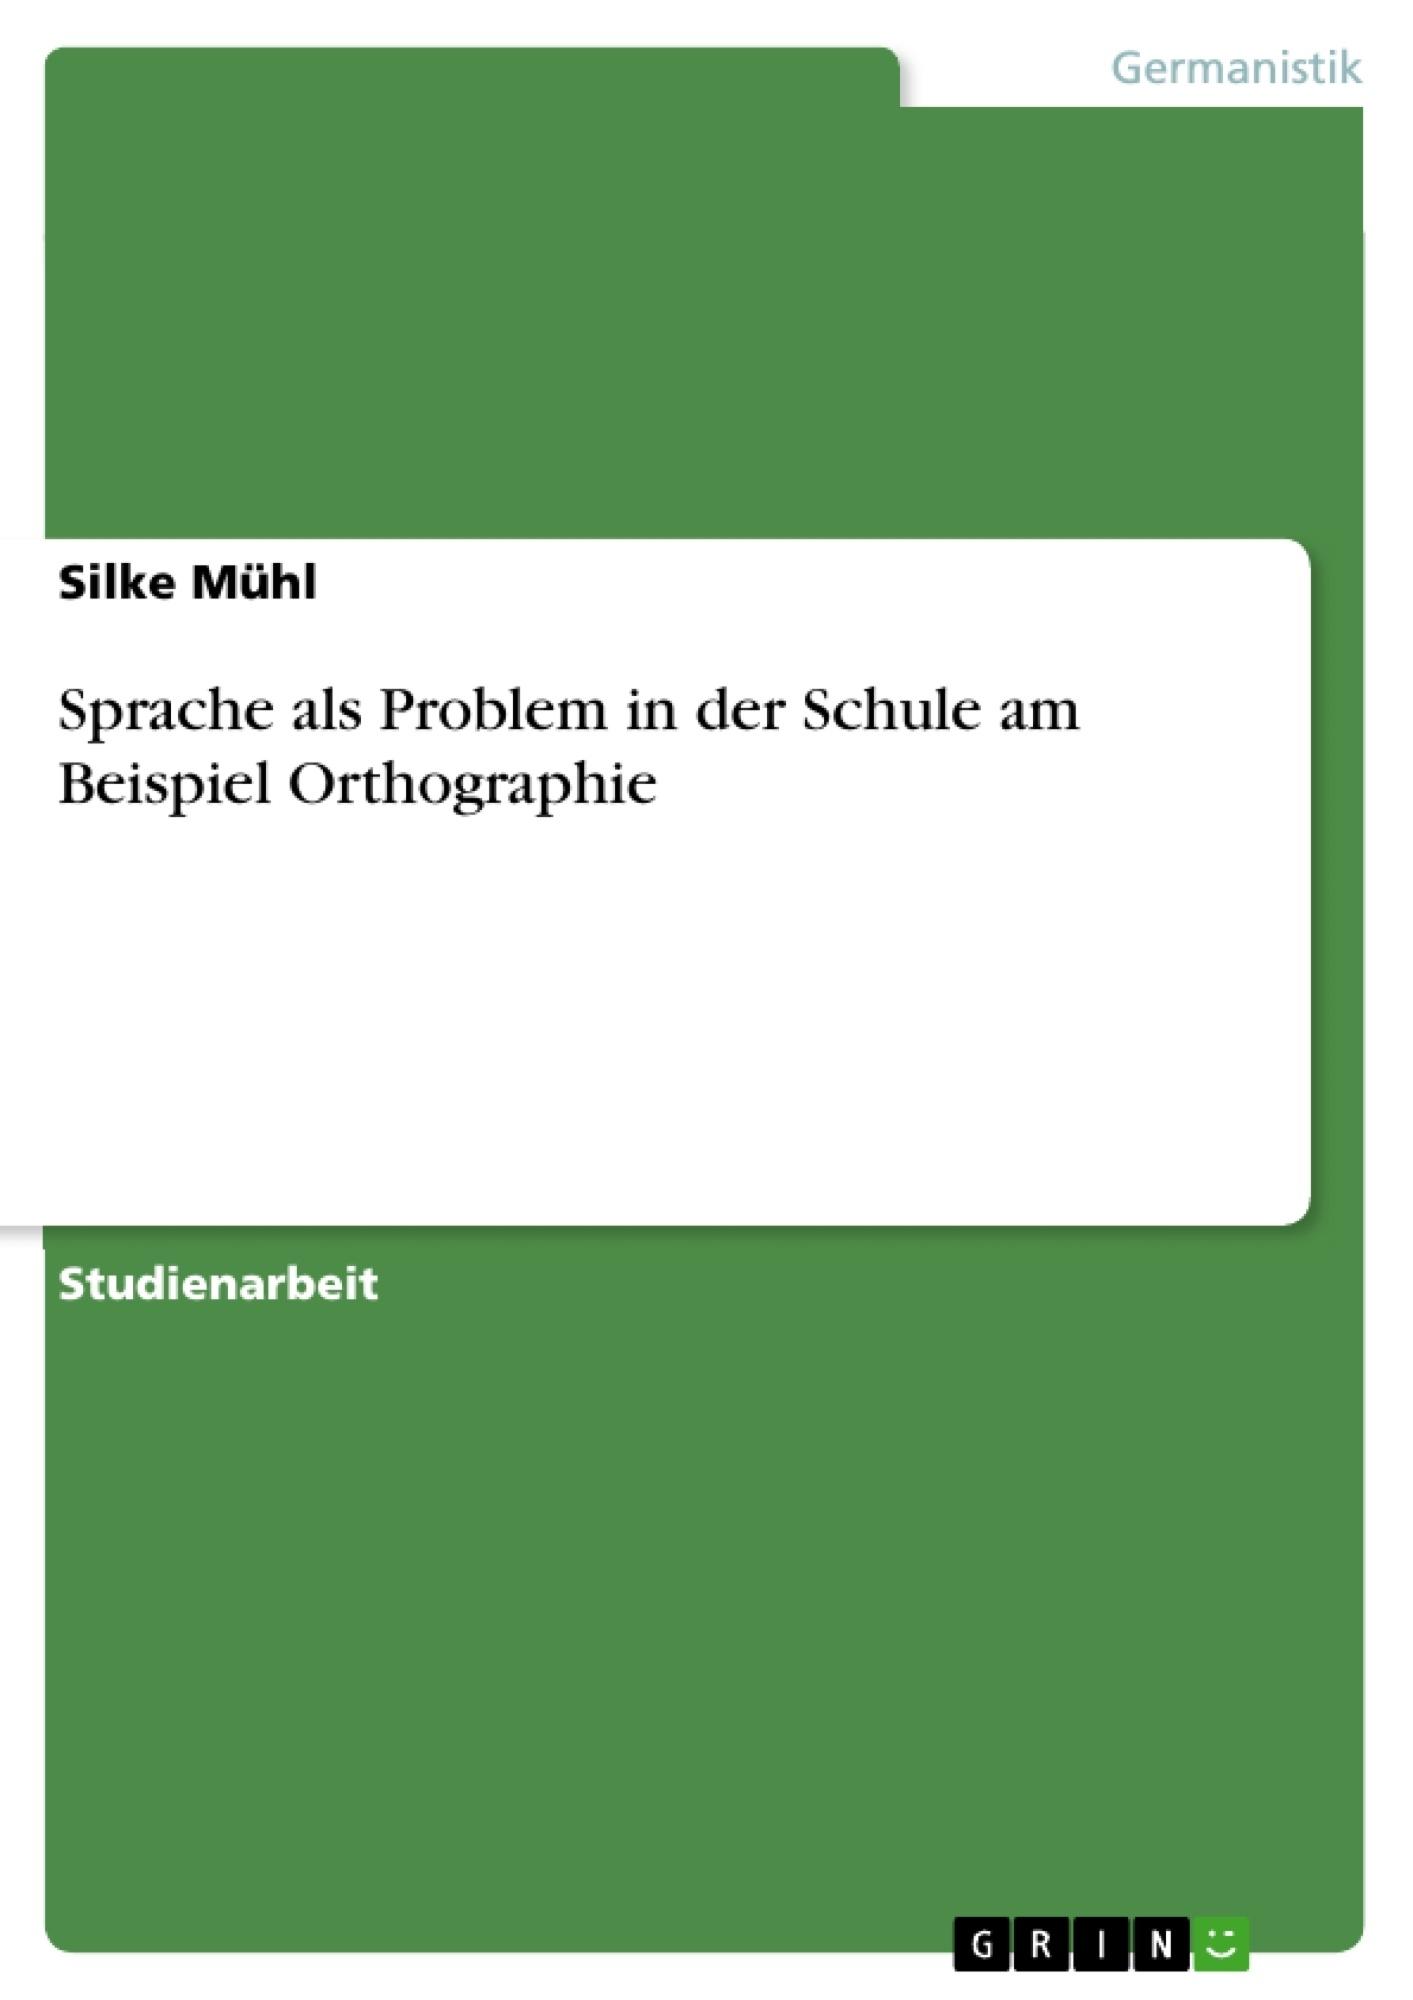 Titel: Sprache als Problem in der Schule am Beispiel Orthographie